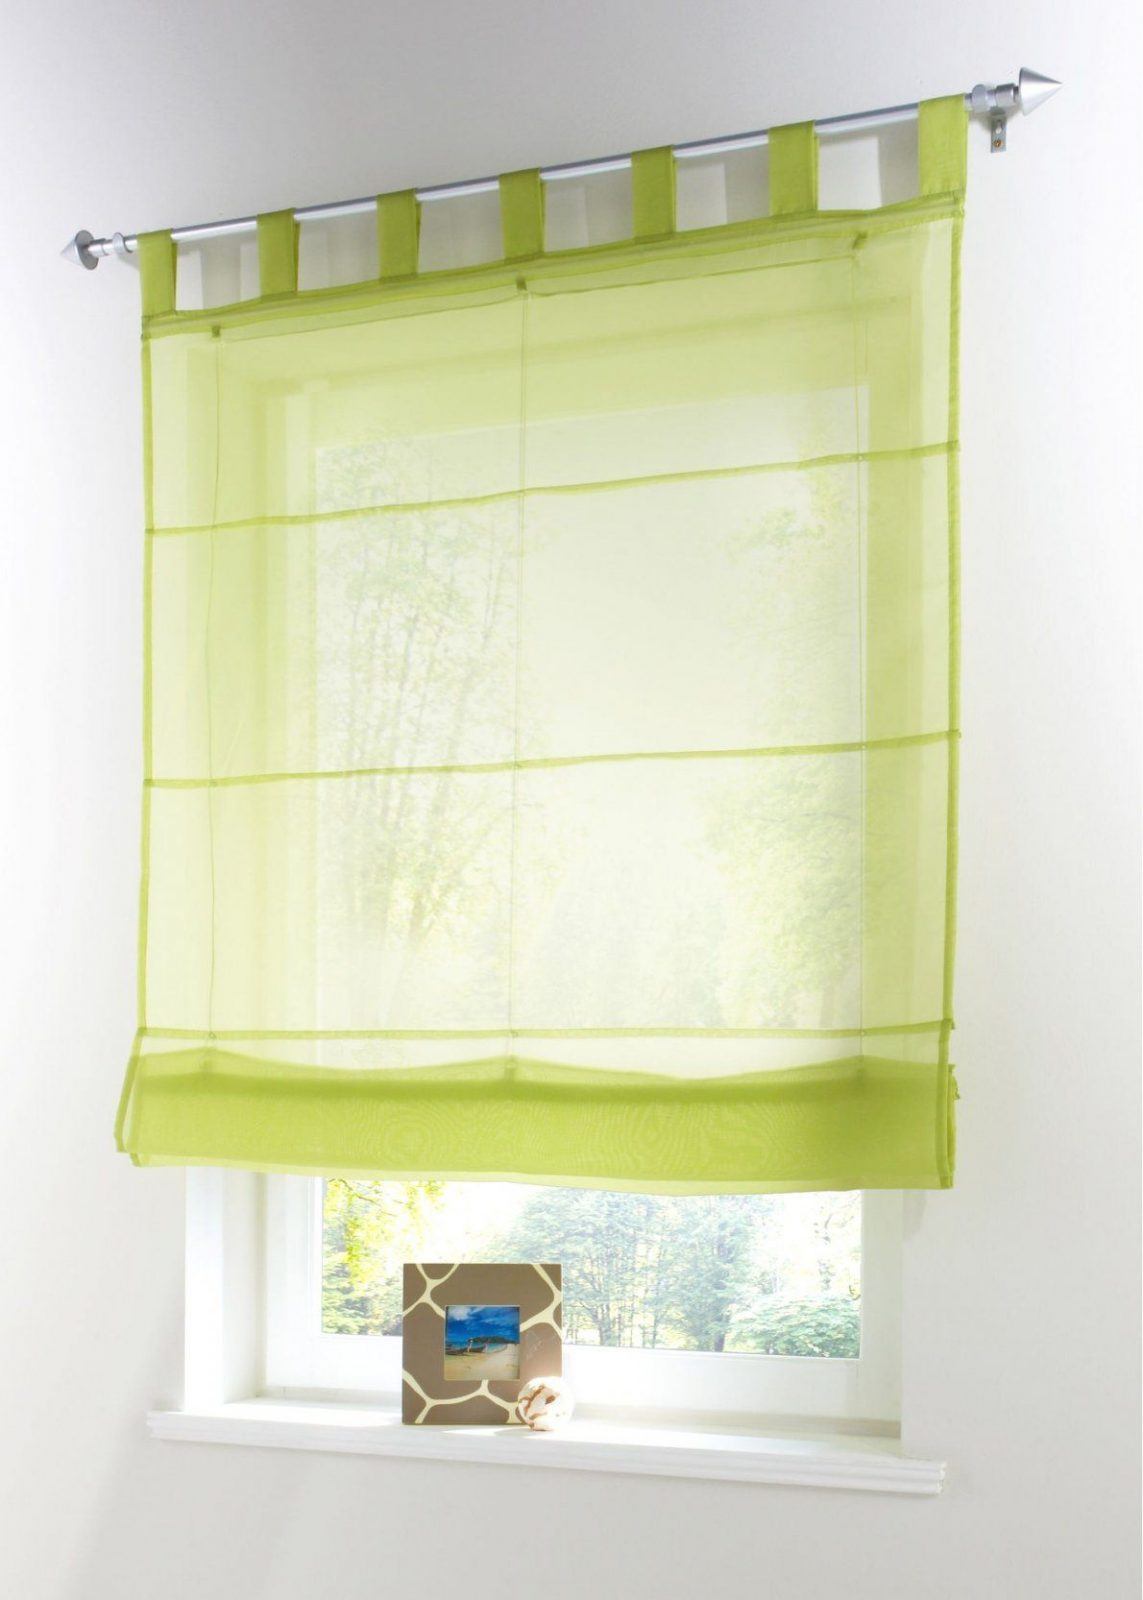 Dänisches Bettenlager Vorhänge Mit Tchibo Einzigartig 2 Gardinen von Gitterartiges Gewebe Für Vorhänge Photo